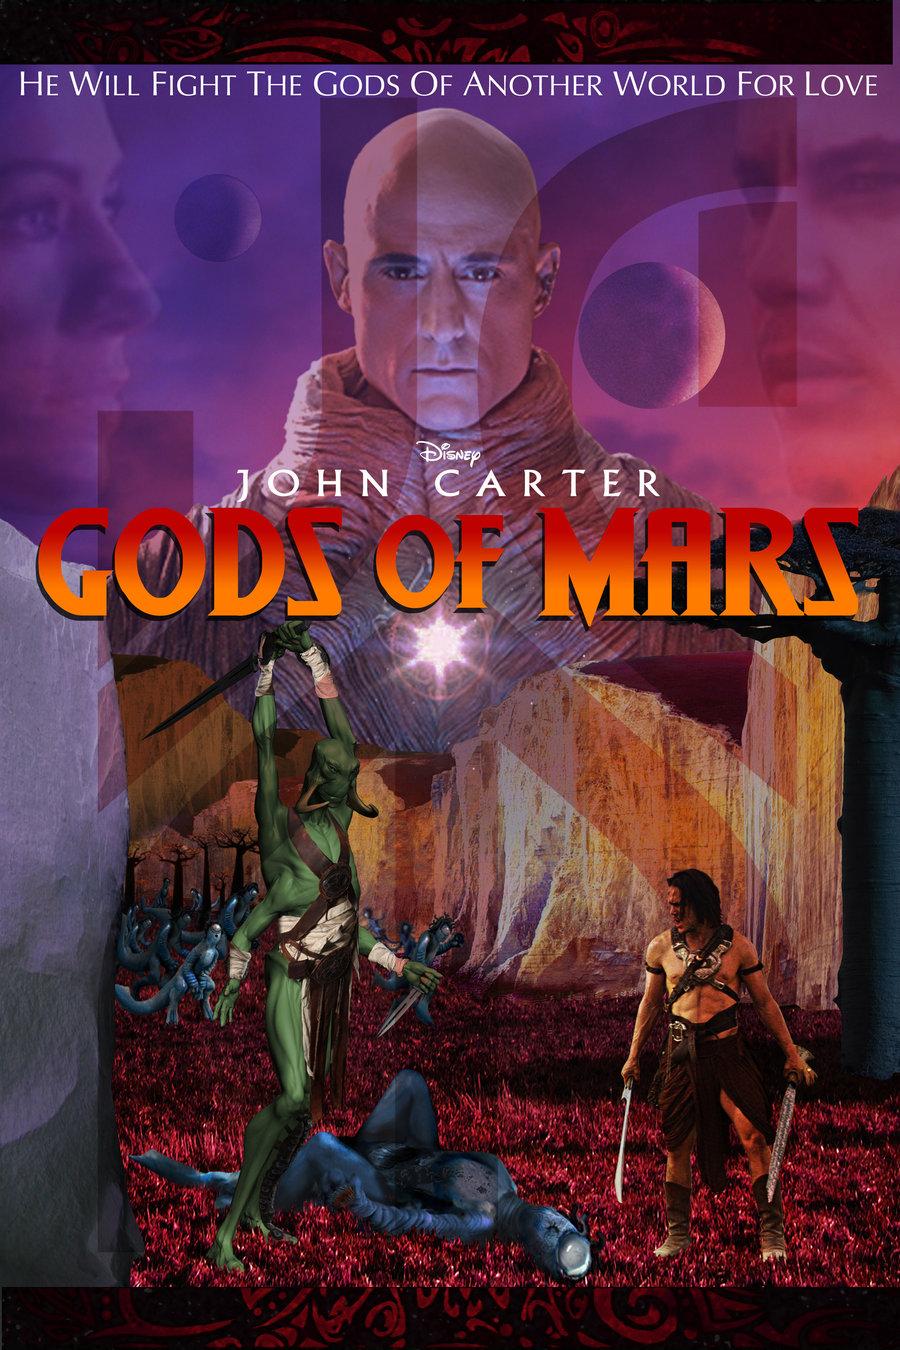 john_carter_gods_of_mars_concept_by_khamarupa-d4w11jk